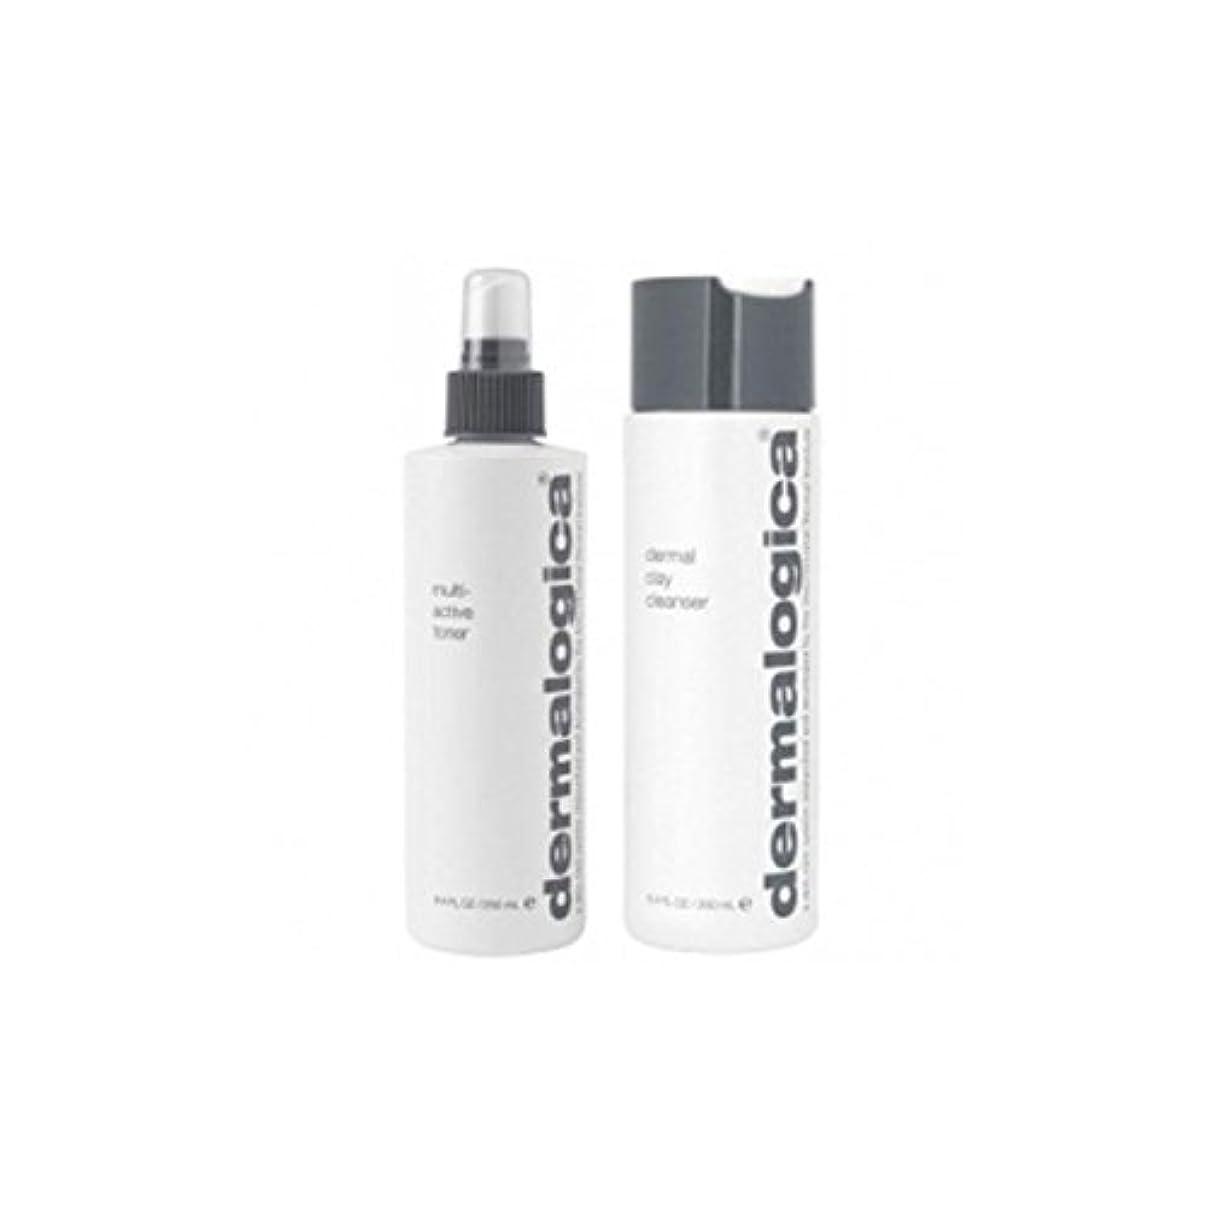 部レッドデートシーケンスDermalogica Cleanse & Tone Duo - Oily Skin (2 Products) (Pack of 6) - ダーマロジカクレンジング&トーンデュオ - 脂性肌(2製品) x6 [並行輸入品]